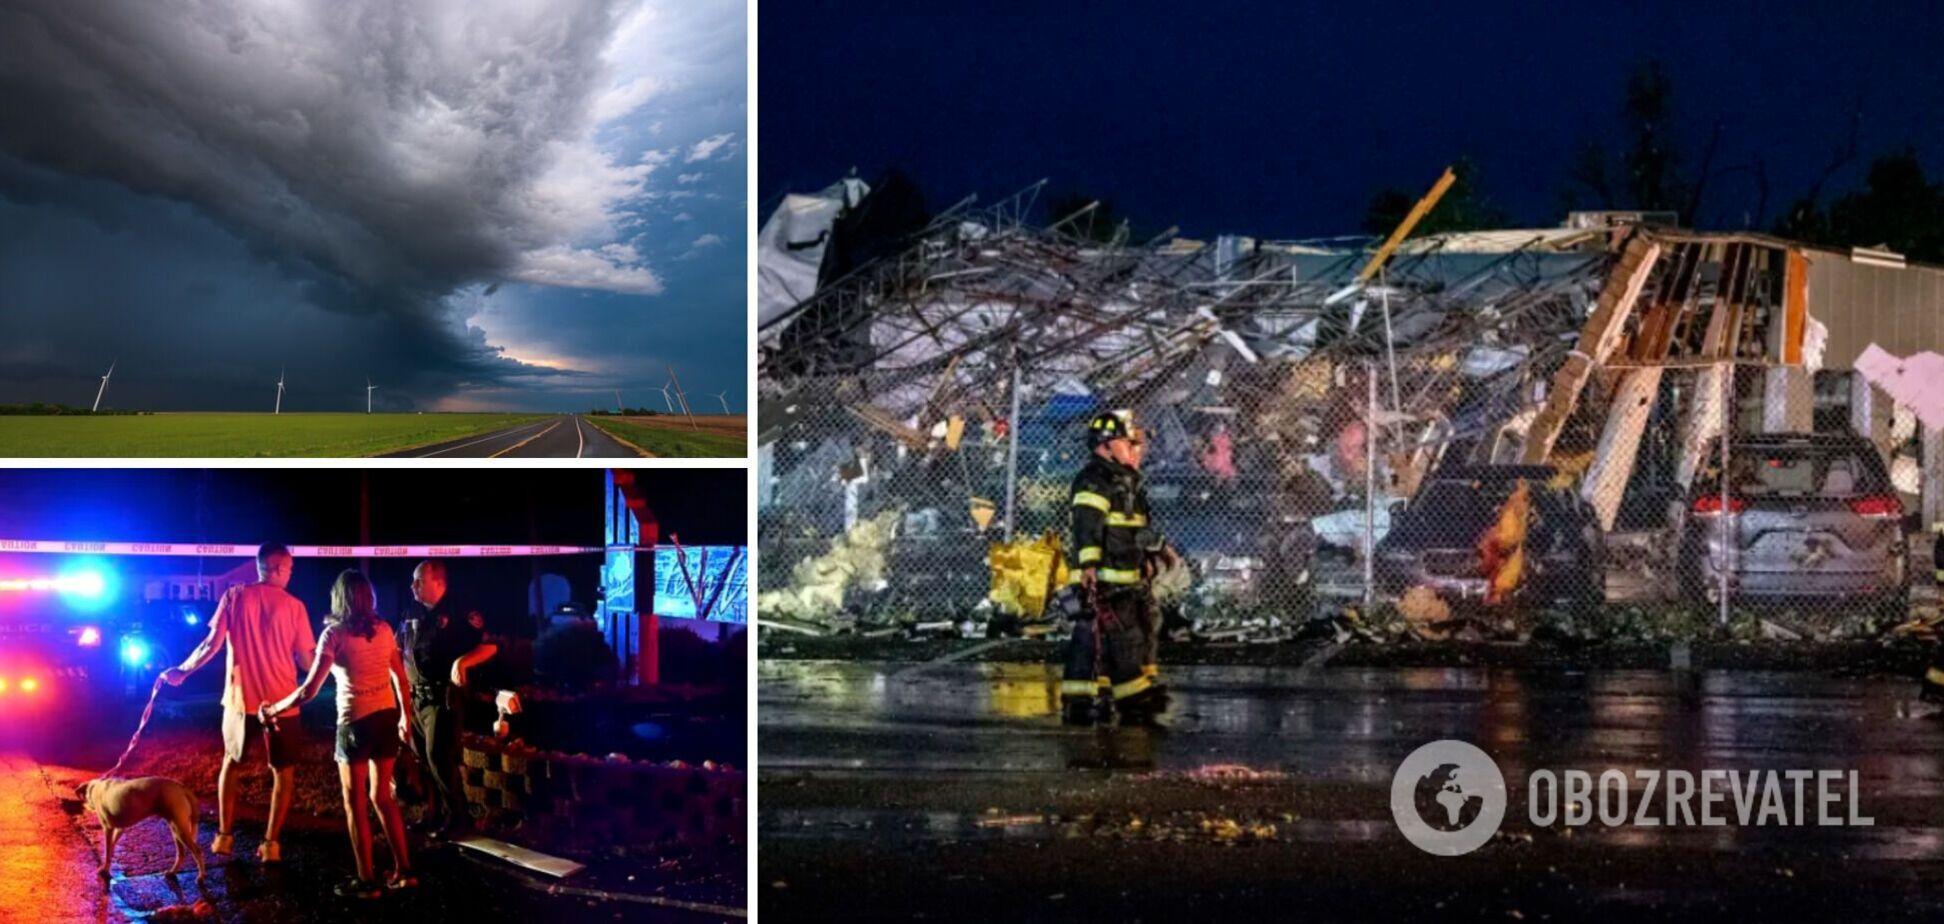 В США мощный торнадо срывал крыши зданий и валил деревья, есть пострадавшие. Фото и видео